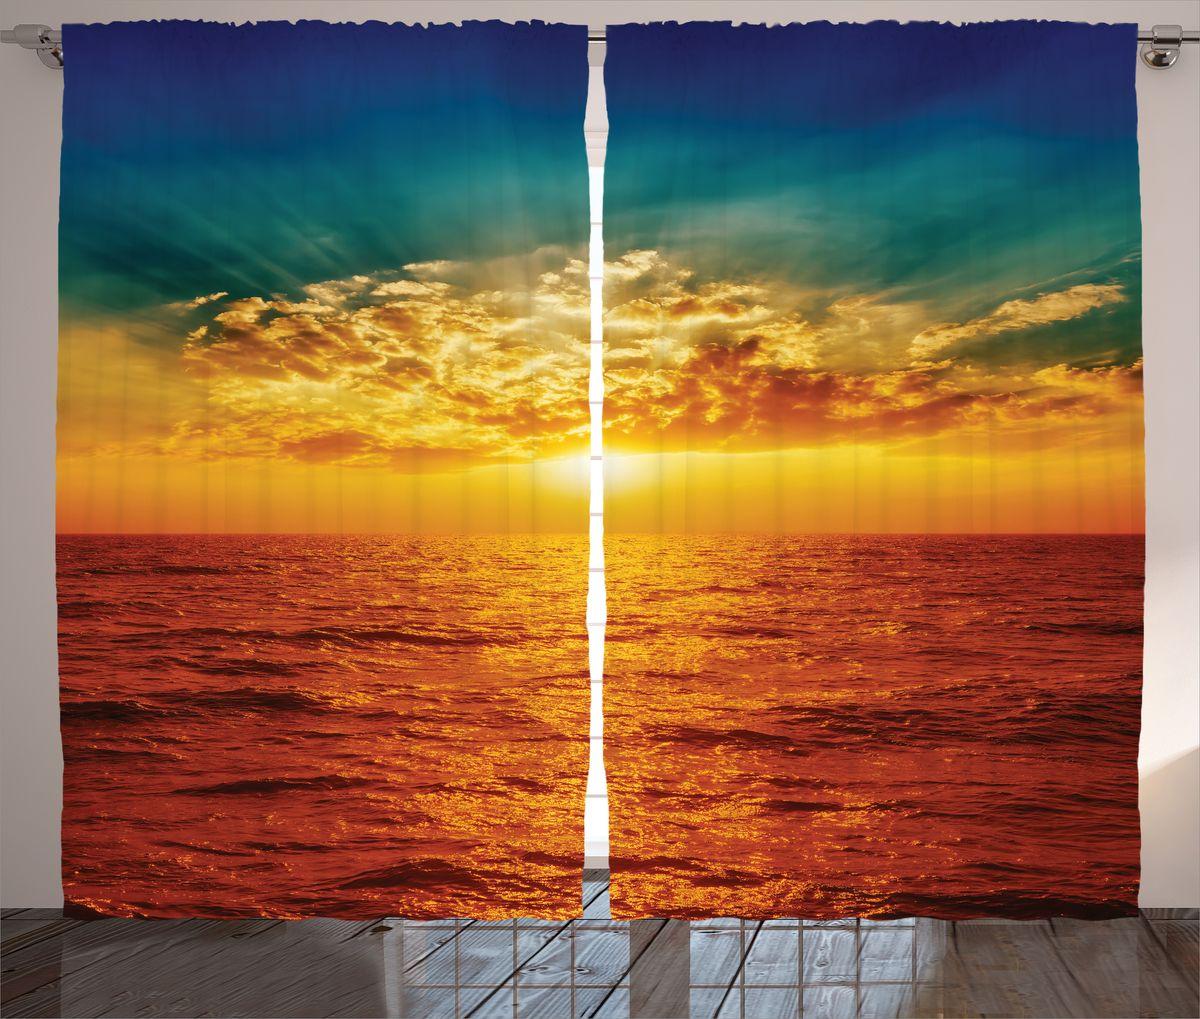 Комплект фотоштор Magic Lady Красное море, на ленте, высота 265 см. шсг_1503121282Компания Сэмболь изготавливает шторы из высококачественного сатена (полиэстер 100%). При изготовлении используются специальные гипоаллергенные чернила для прямой печати по ткани, безопасные для человека и животных. Экологичность продукции Magic lady и безопасность для окружающей среды подтверждены сертификатом Oeko-Tex Standard 100. Крепление: крючки для крепления на шторной ленте (50 шт). Возможно крепление на трубу. Внимание! При нанесении сублимационной печати на ткань технологическим методом при температуре 240°С, возможно отклонение полученных размеров (указанных на этикетке и сайте) от стандартных на + - 3-5 см. Производитель старается максимально точно передать цвета изделия на фотографиях, однако искажения неизбежны и фактический цвет изделия может отличаться от воспринимаемого по фото. Обратите внимание! Шторы изготовлены из полиэстра сатенового переплетения, а не из сатина (хлопок). Размер одного полотна шторы: 145х265 см. В комплекте 2 полотна шторы и 50 крючков.